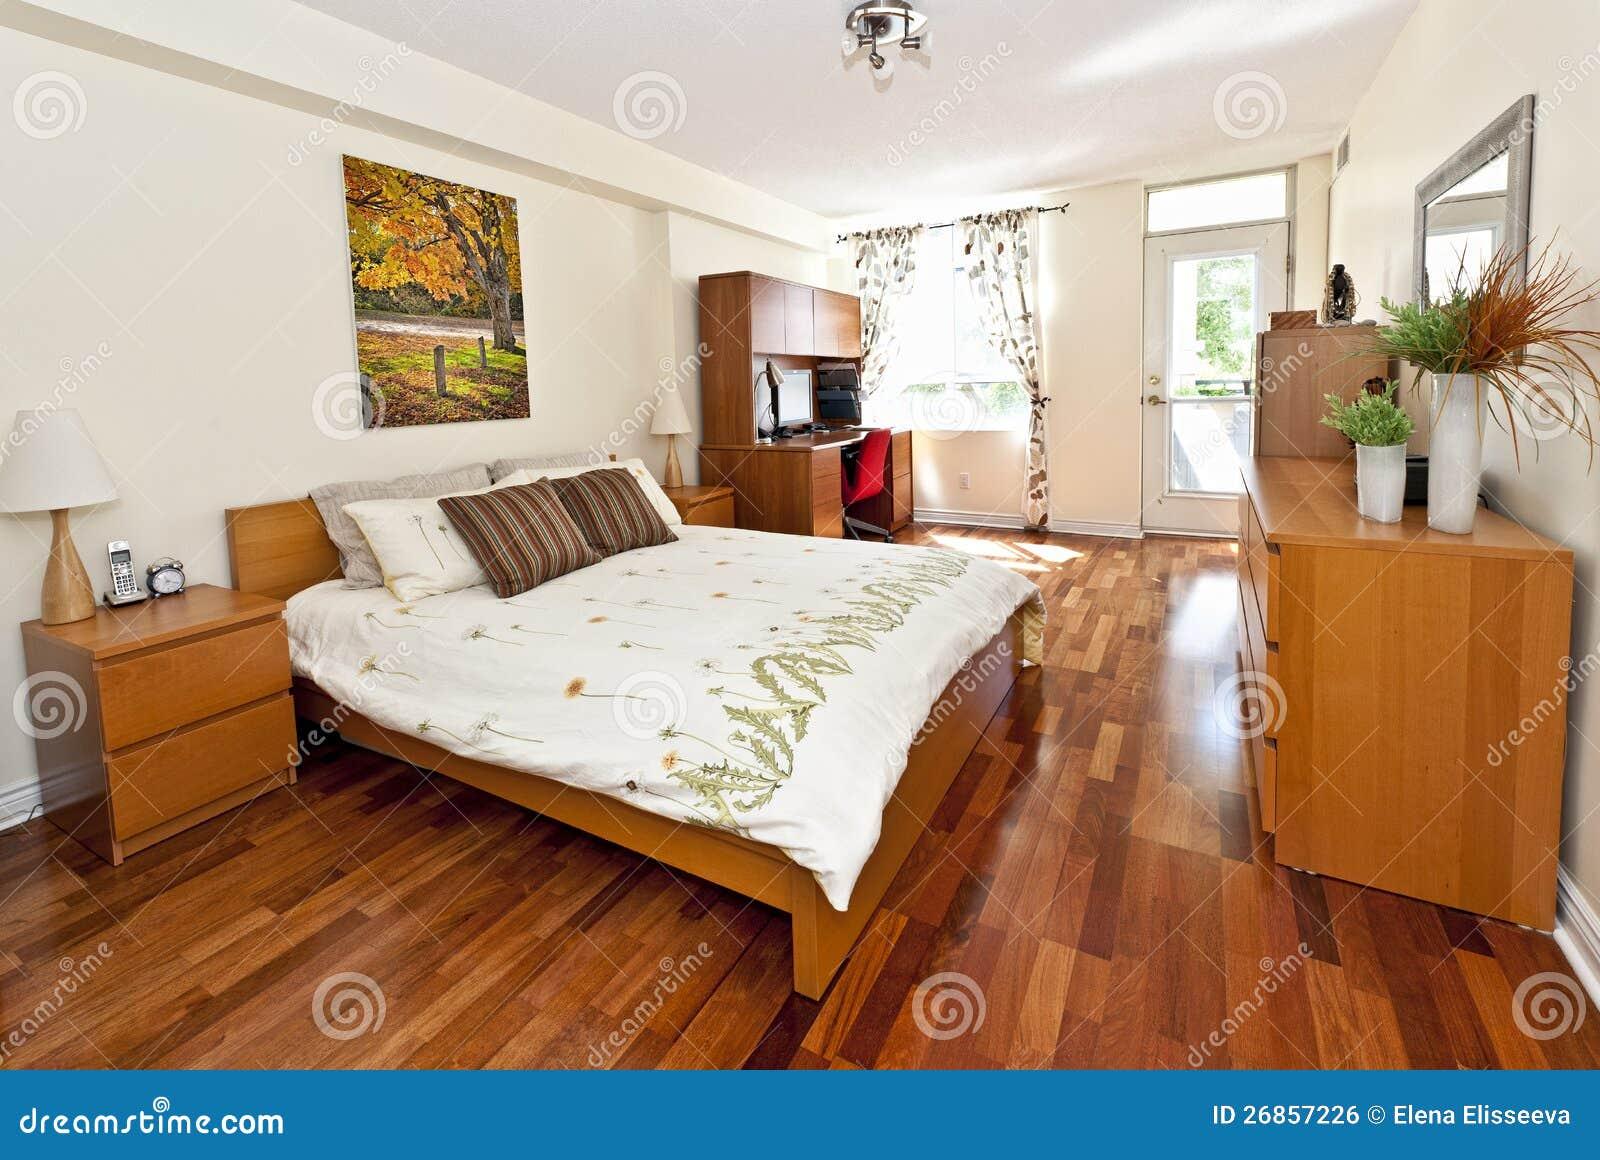 Intérieur De Chambre à Coucher Avec L\'étage De Bois Dur ...